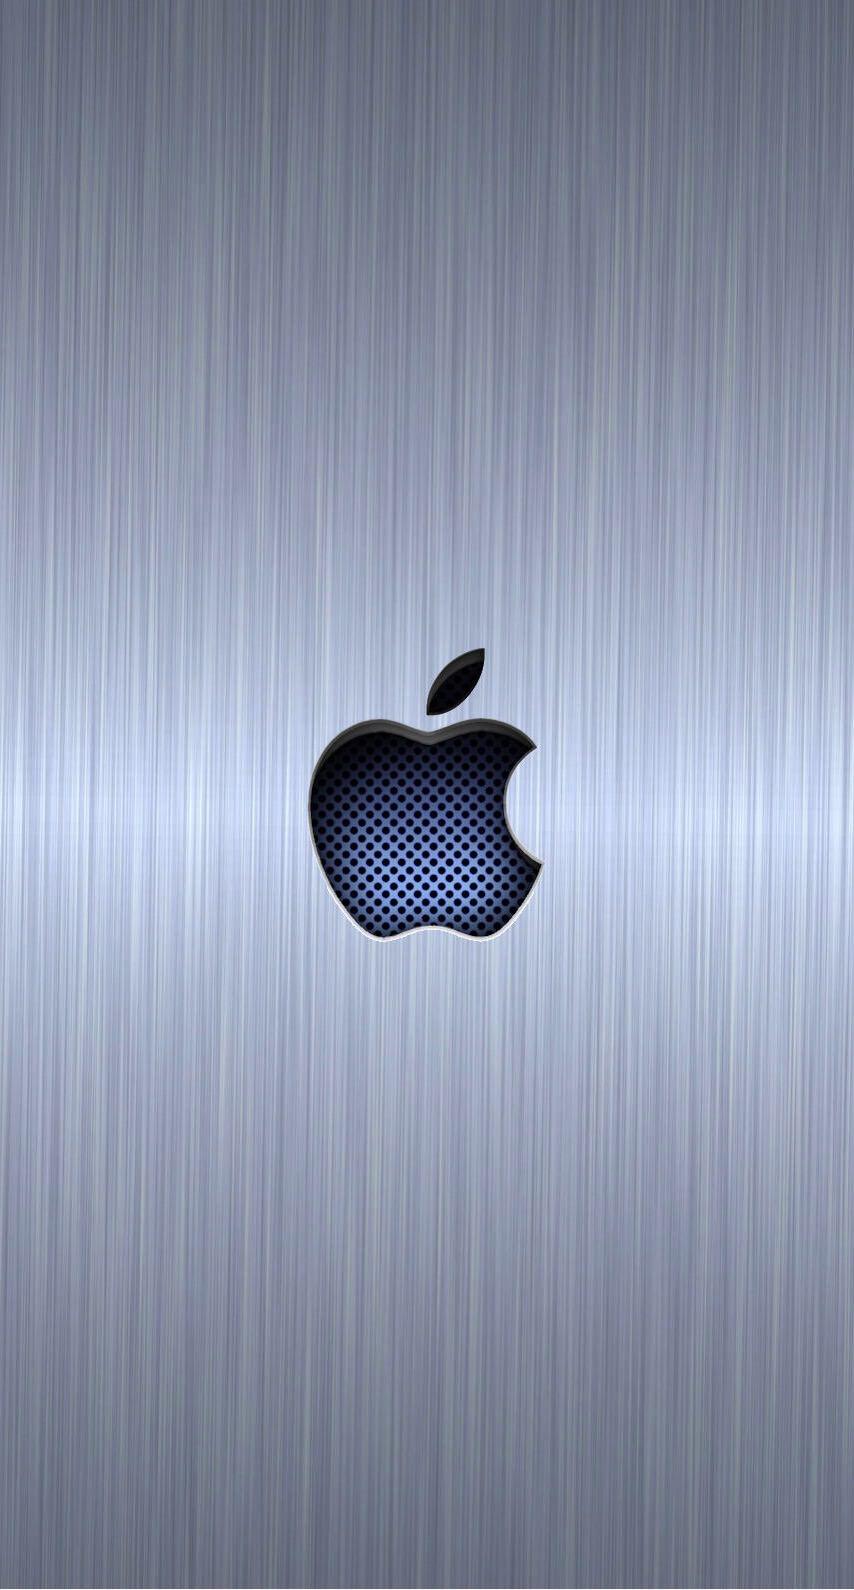 Logo Apple Keren Perak Biru Wallpaper Sc Iphone7